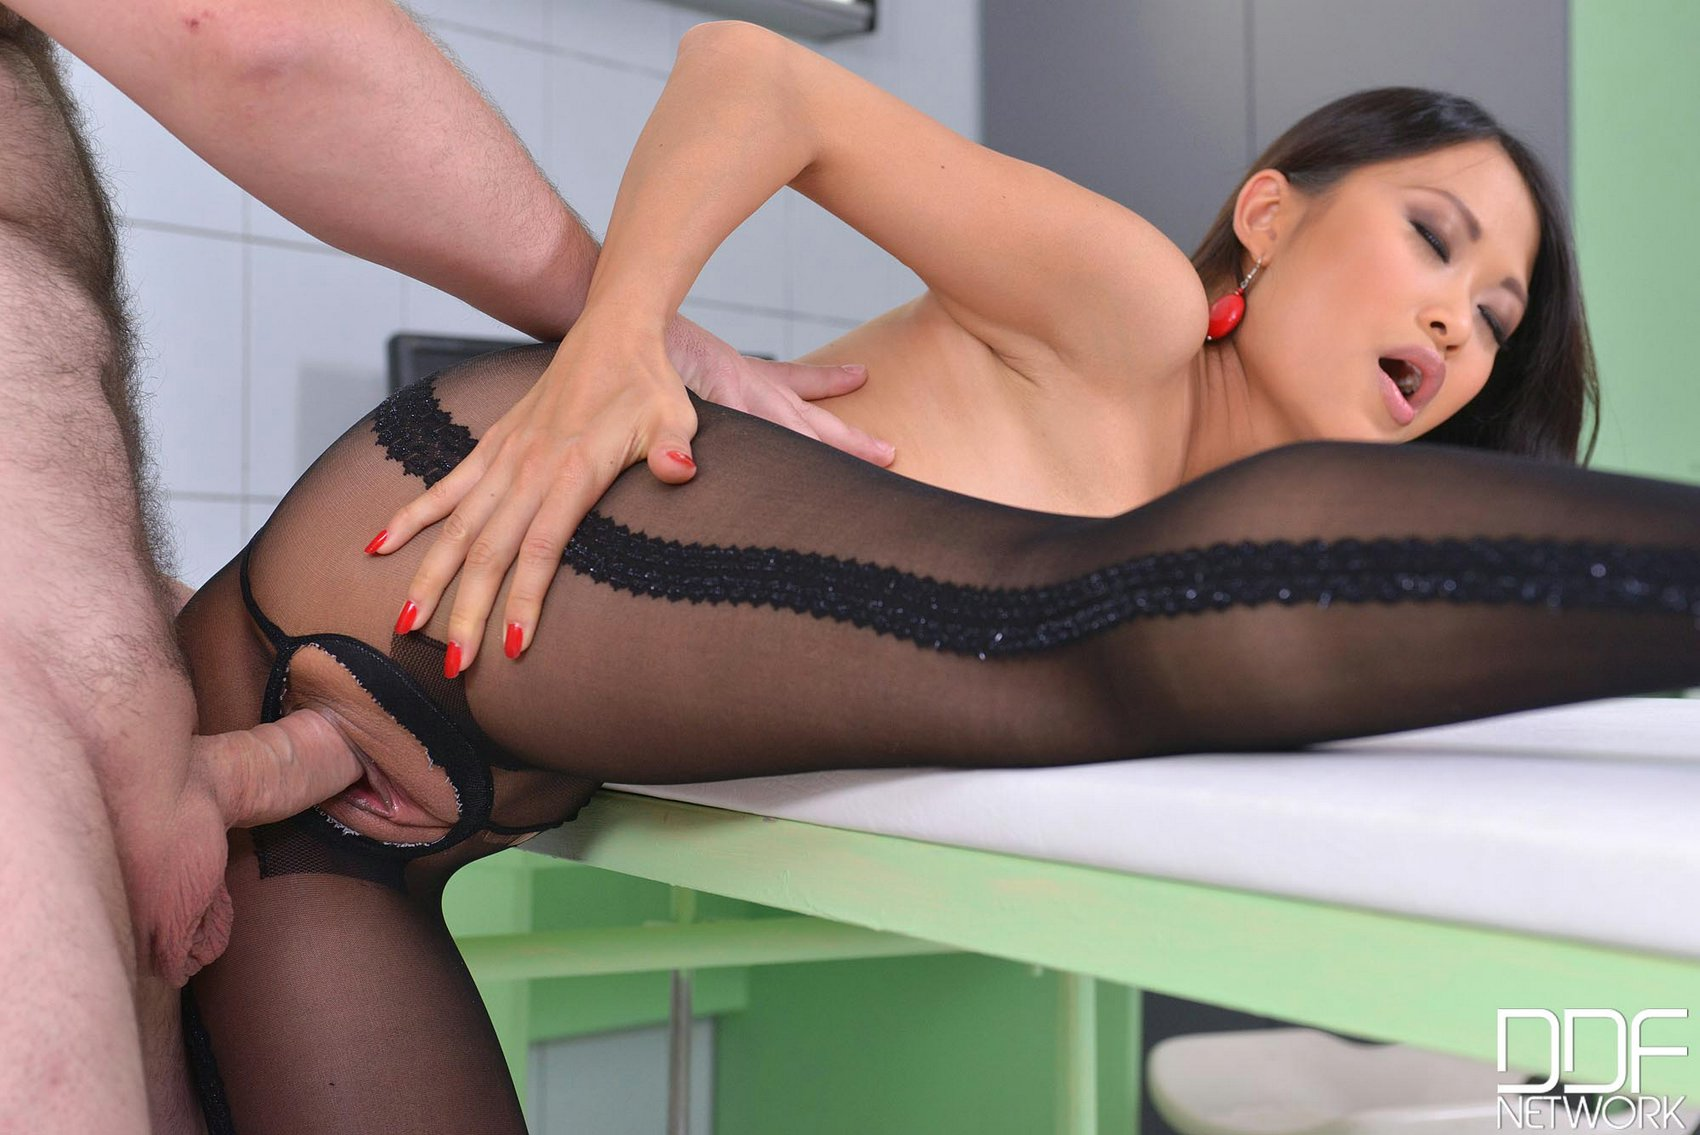 Asian pantyhose porn pics